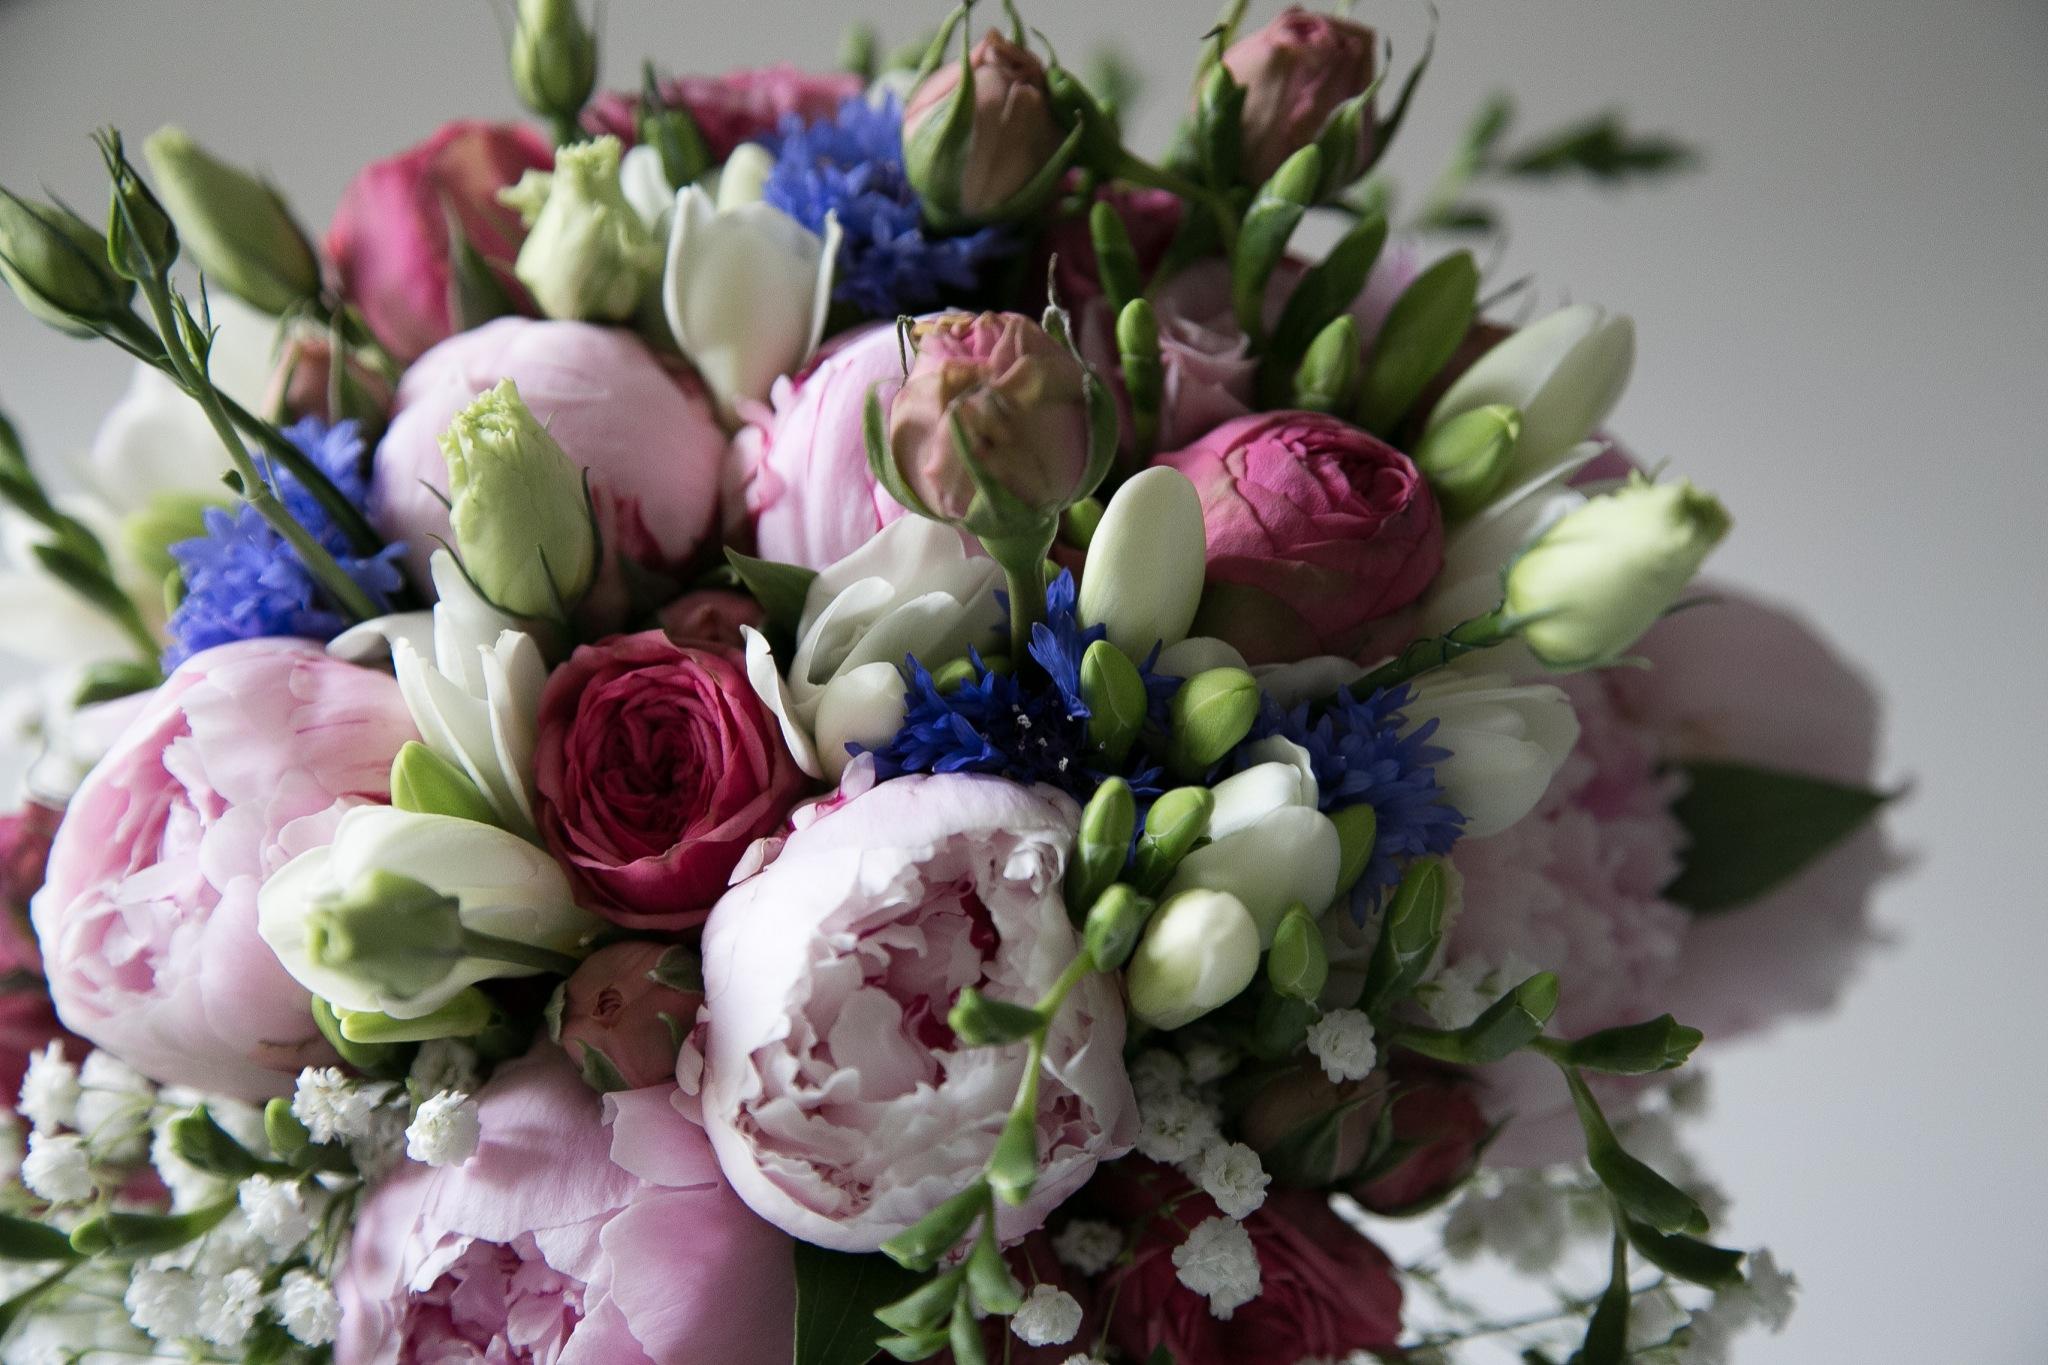 sarahs-flowers-3.jpg